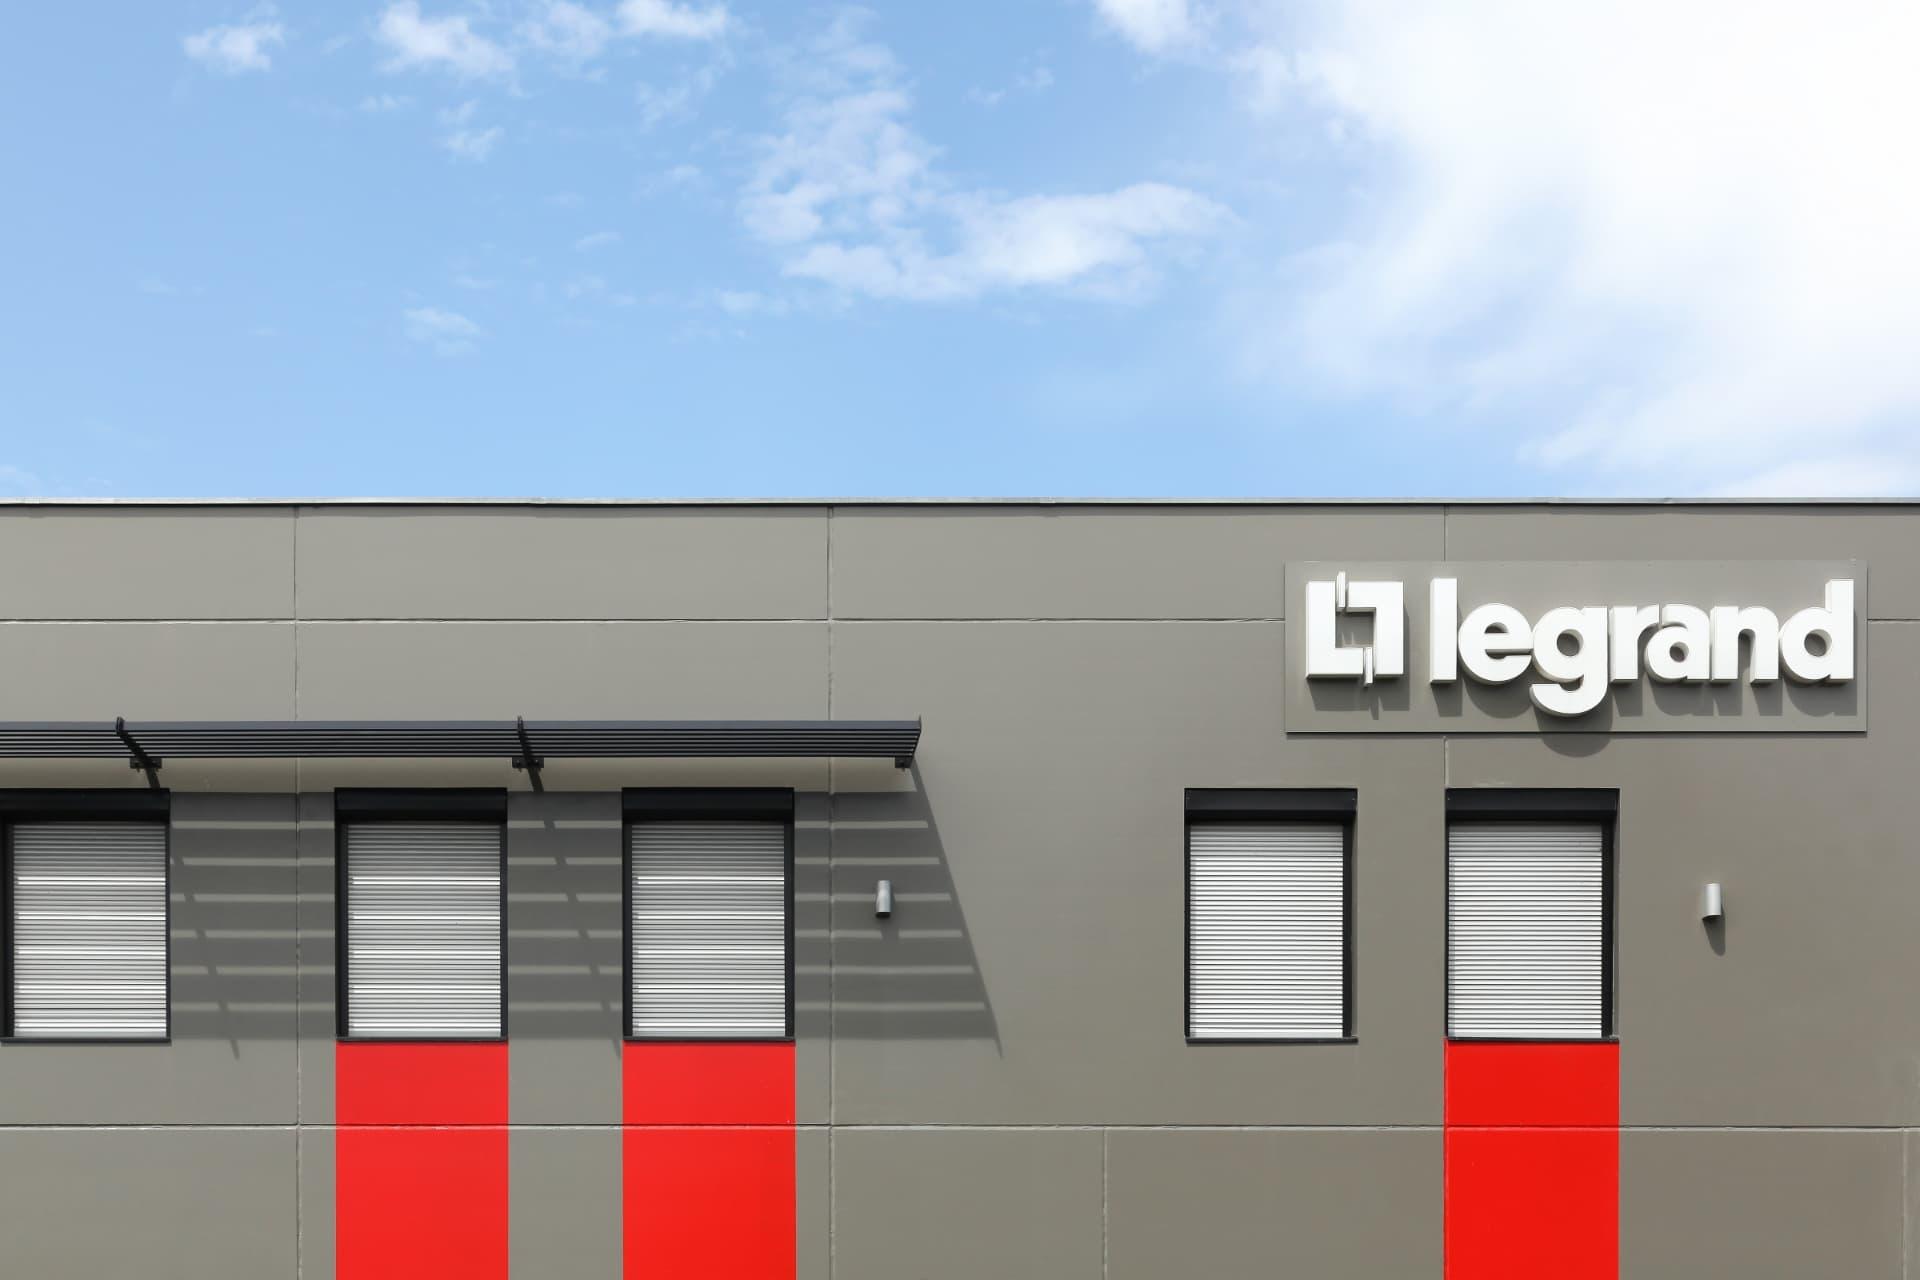 Legrand rachète la totalité de l'entreprise française Netatmo